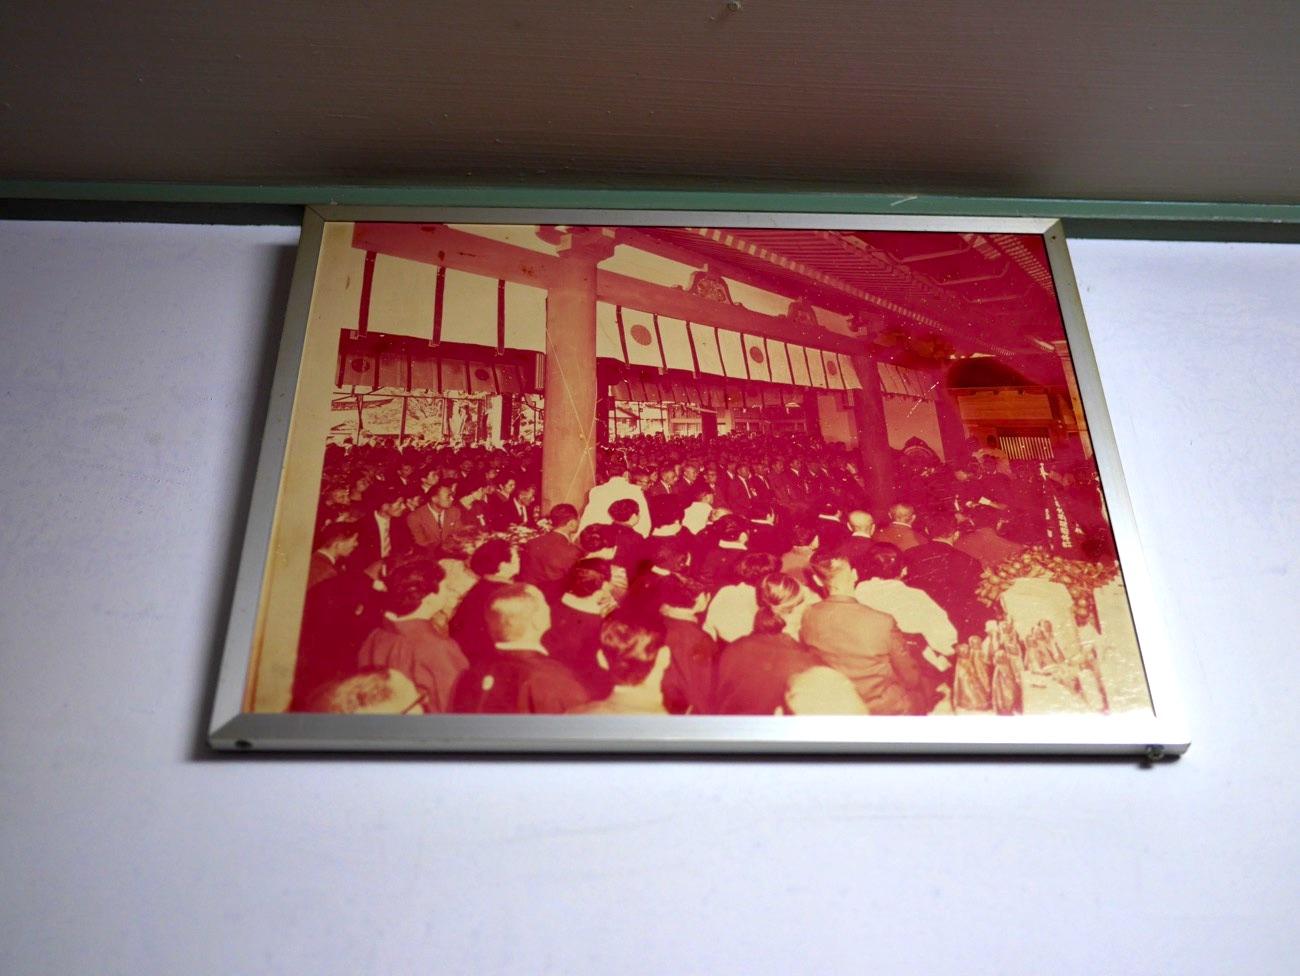 通路に飾られている昔の写真